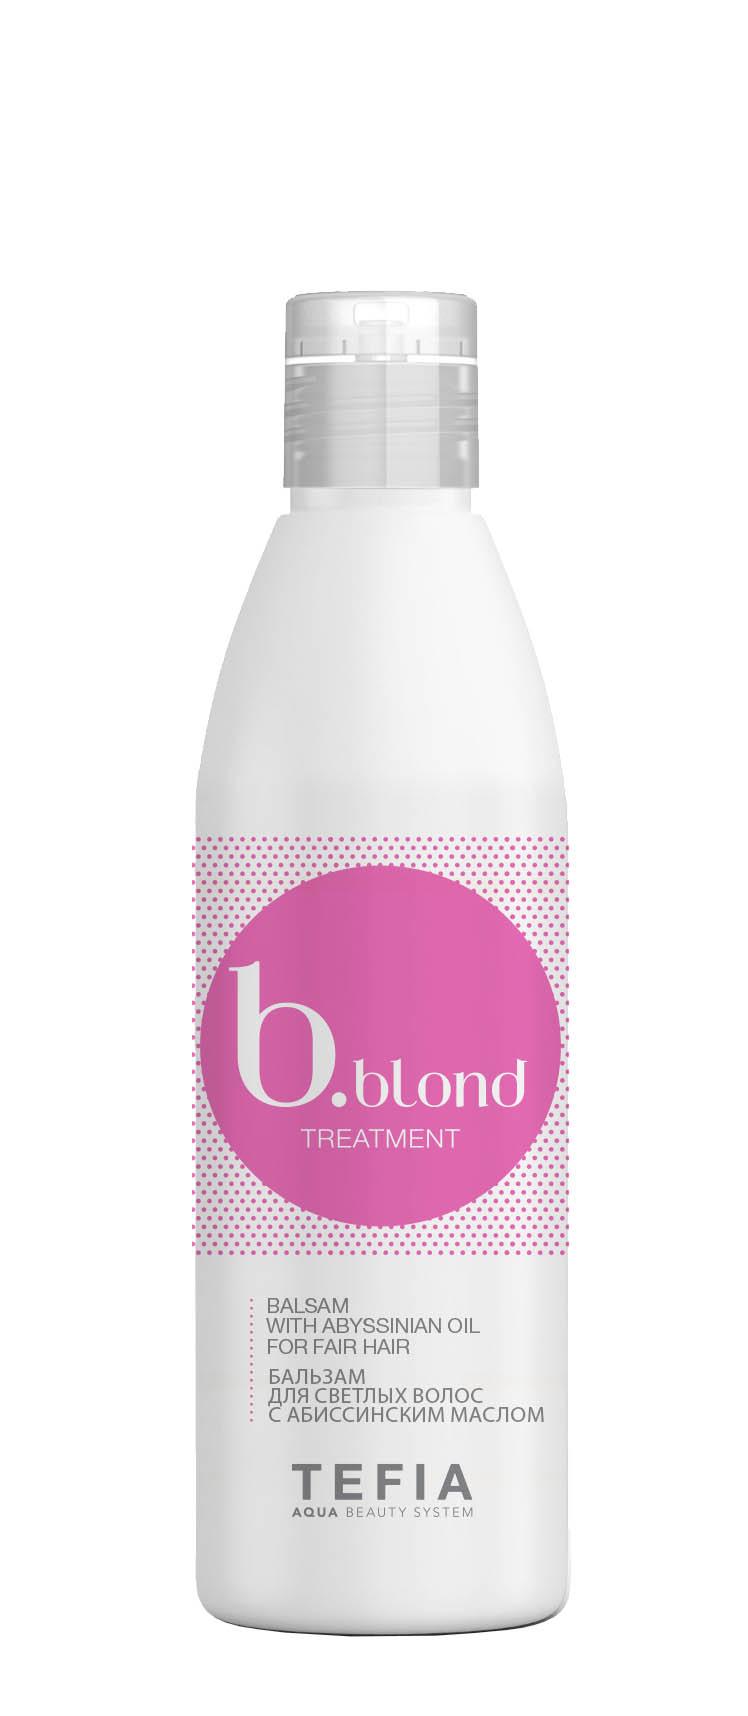 TEFIA Бальзам для светлых волос c абиссинским маслом / Bblond Treatment 250 мл - Бальзамы